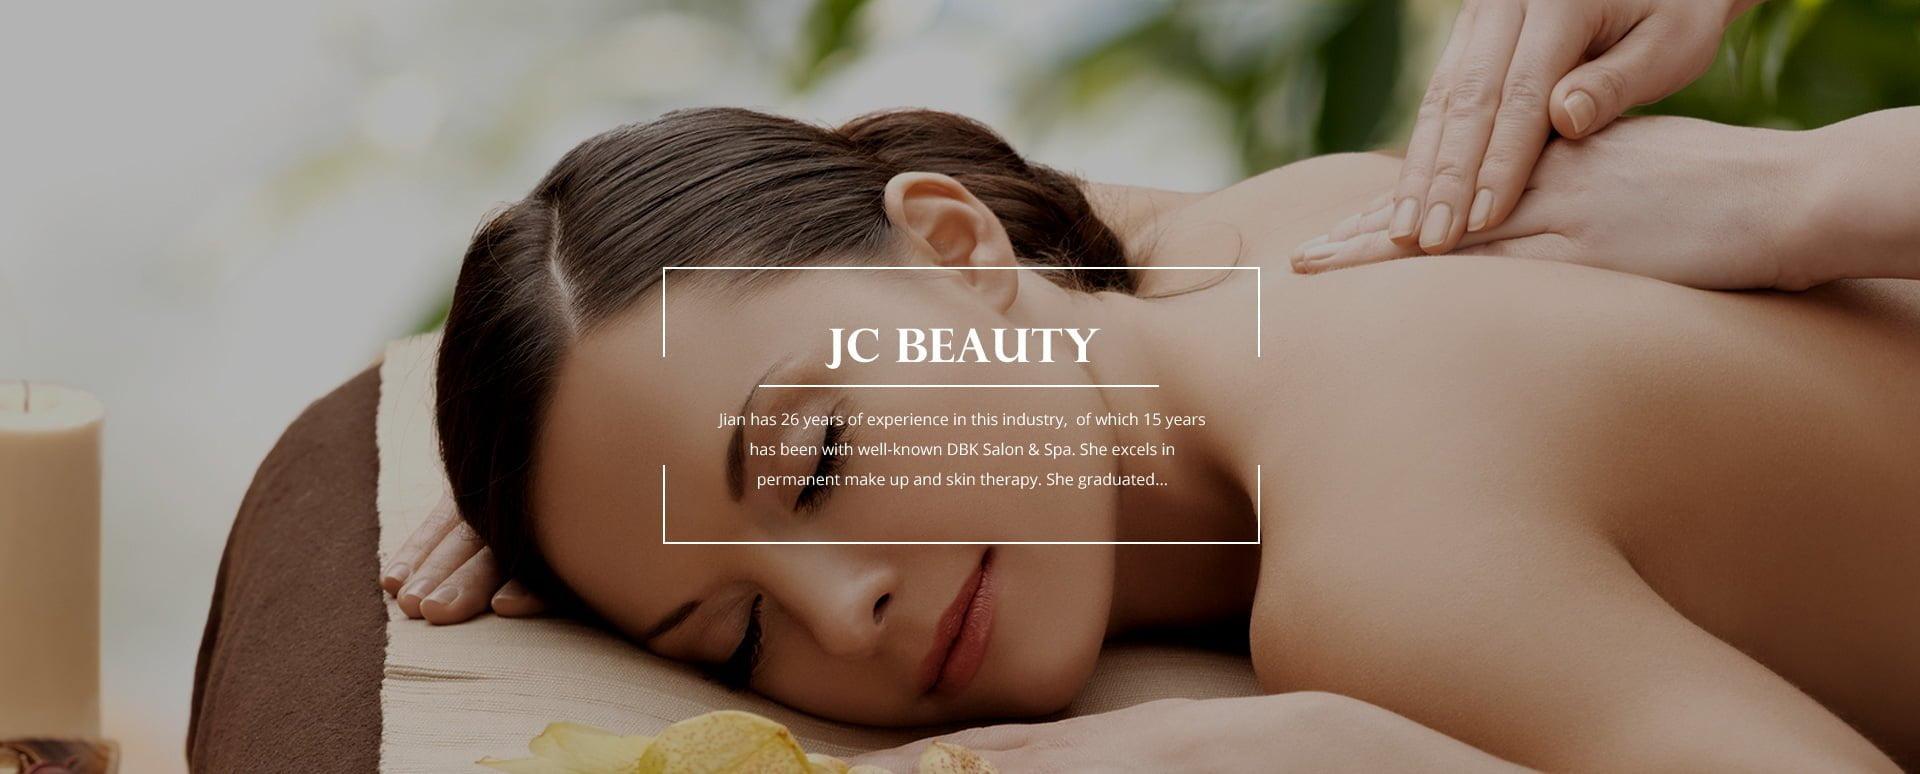 CMS_jc_beauty